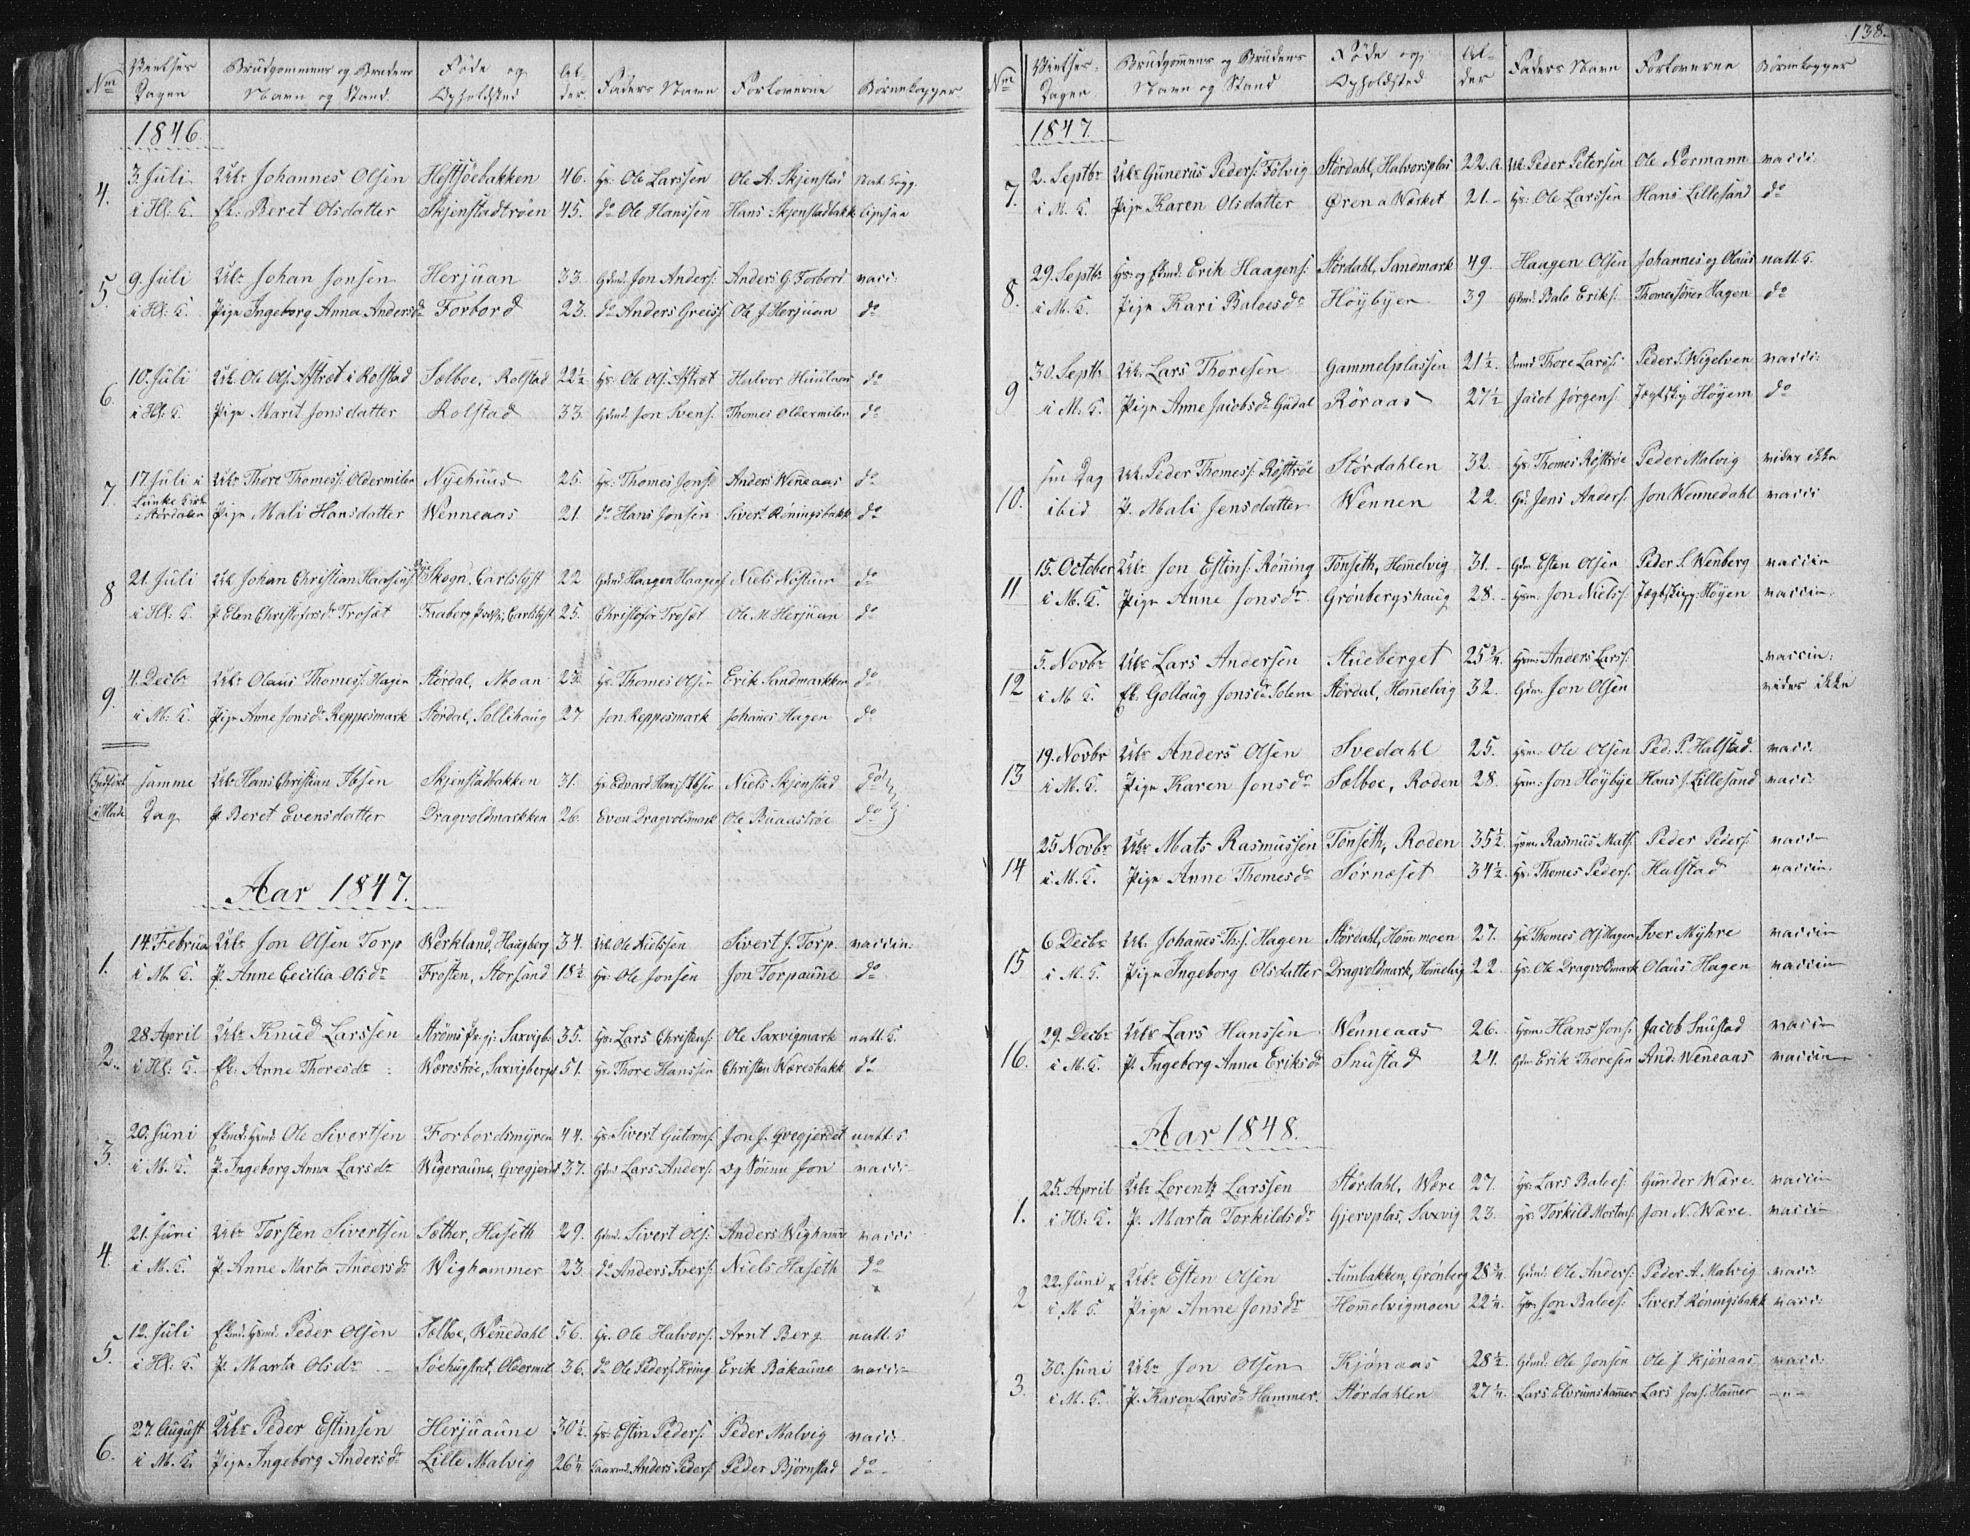 SAT, Ministerialprotokoller, klokkerbøker og fødselsregistre - Sør-Trøndelag, 616/L0406: Ministerialbok nr. 616A03, 1843-1879, s. 138